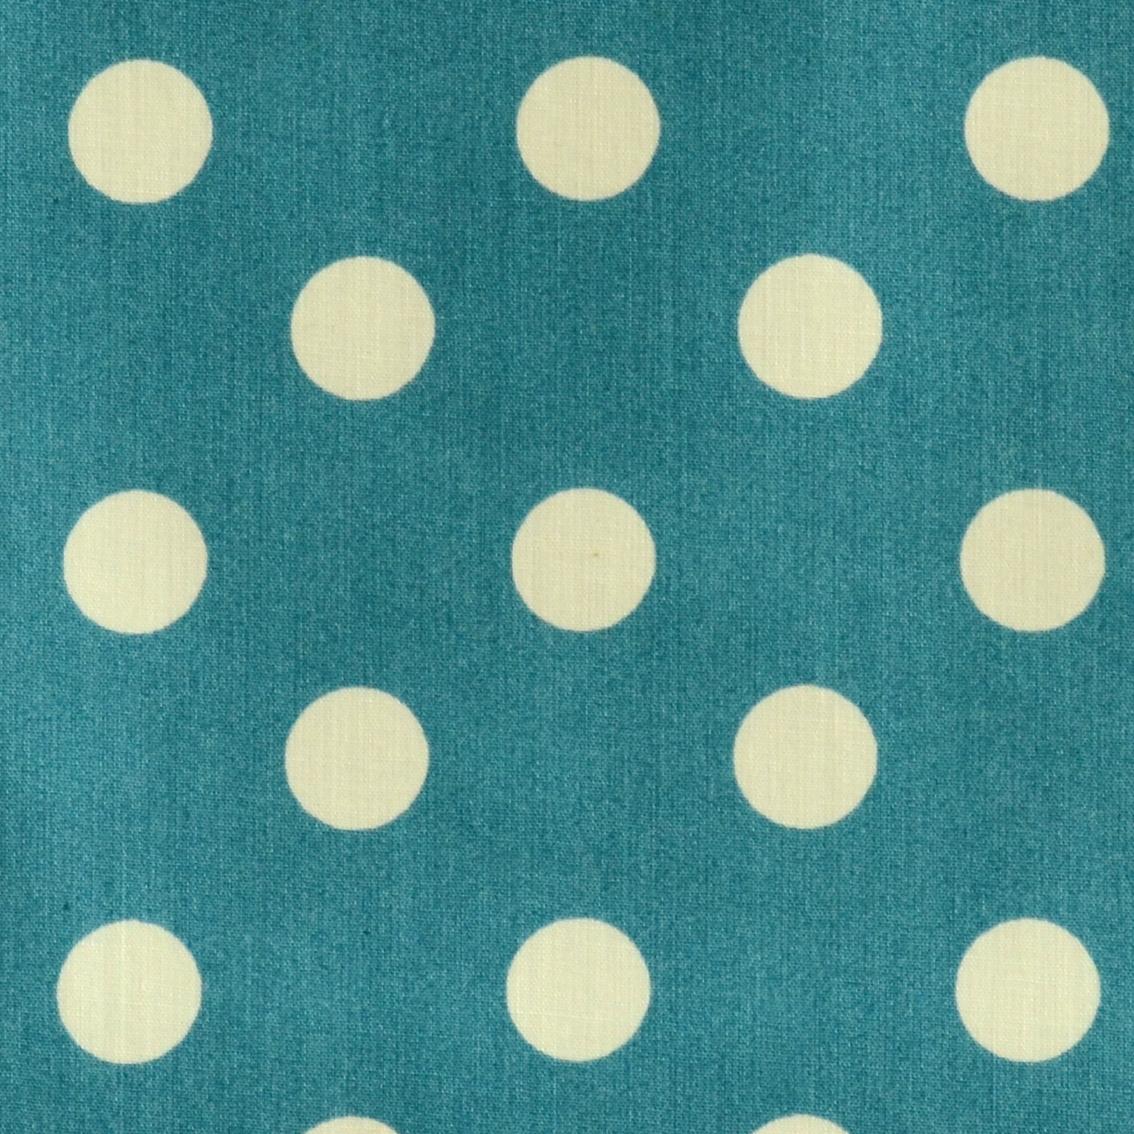 stoff liebe aus liebe wird stoff bio beschichtete baumwolle dots pagoda blue stoffe. Black Bedroom Furniture Sets. Home Design Ideas